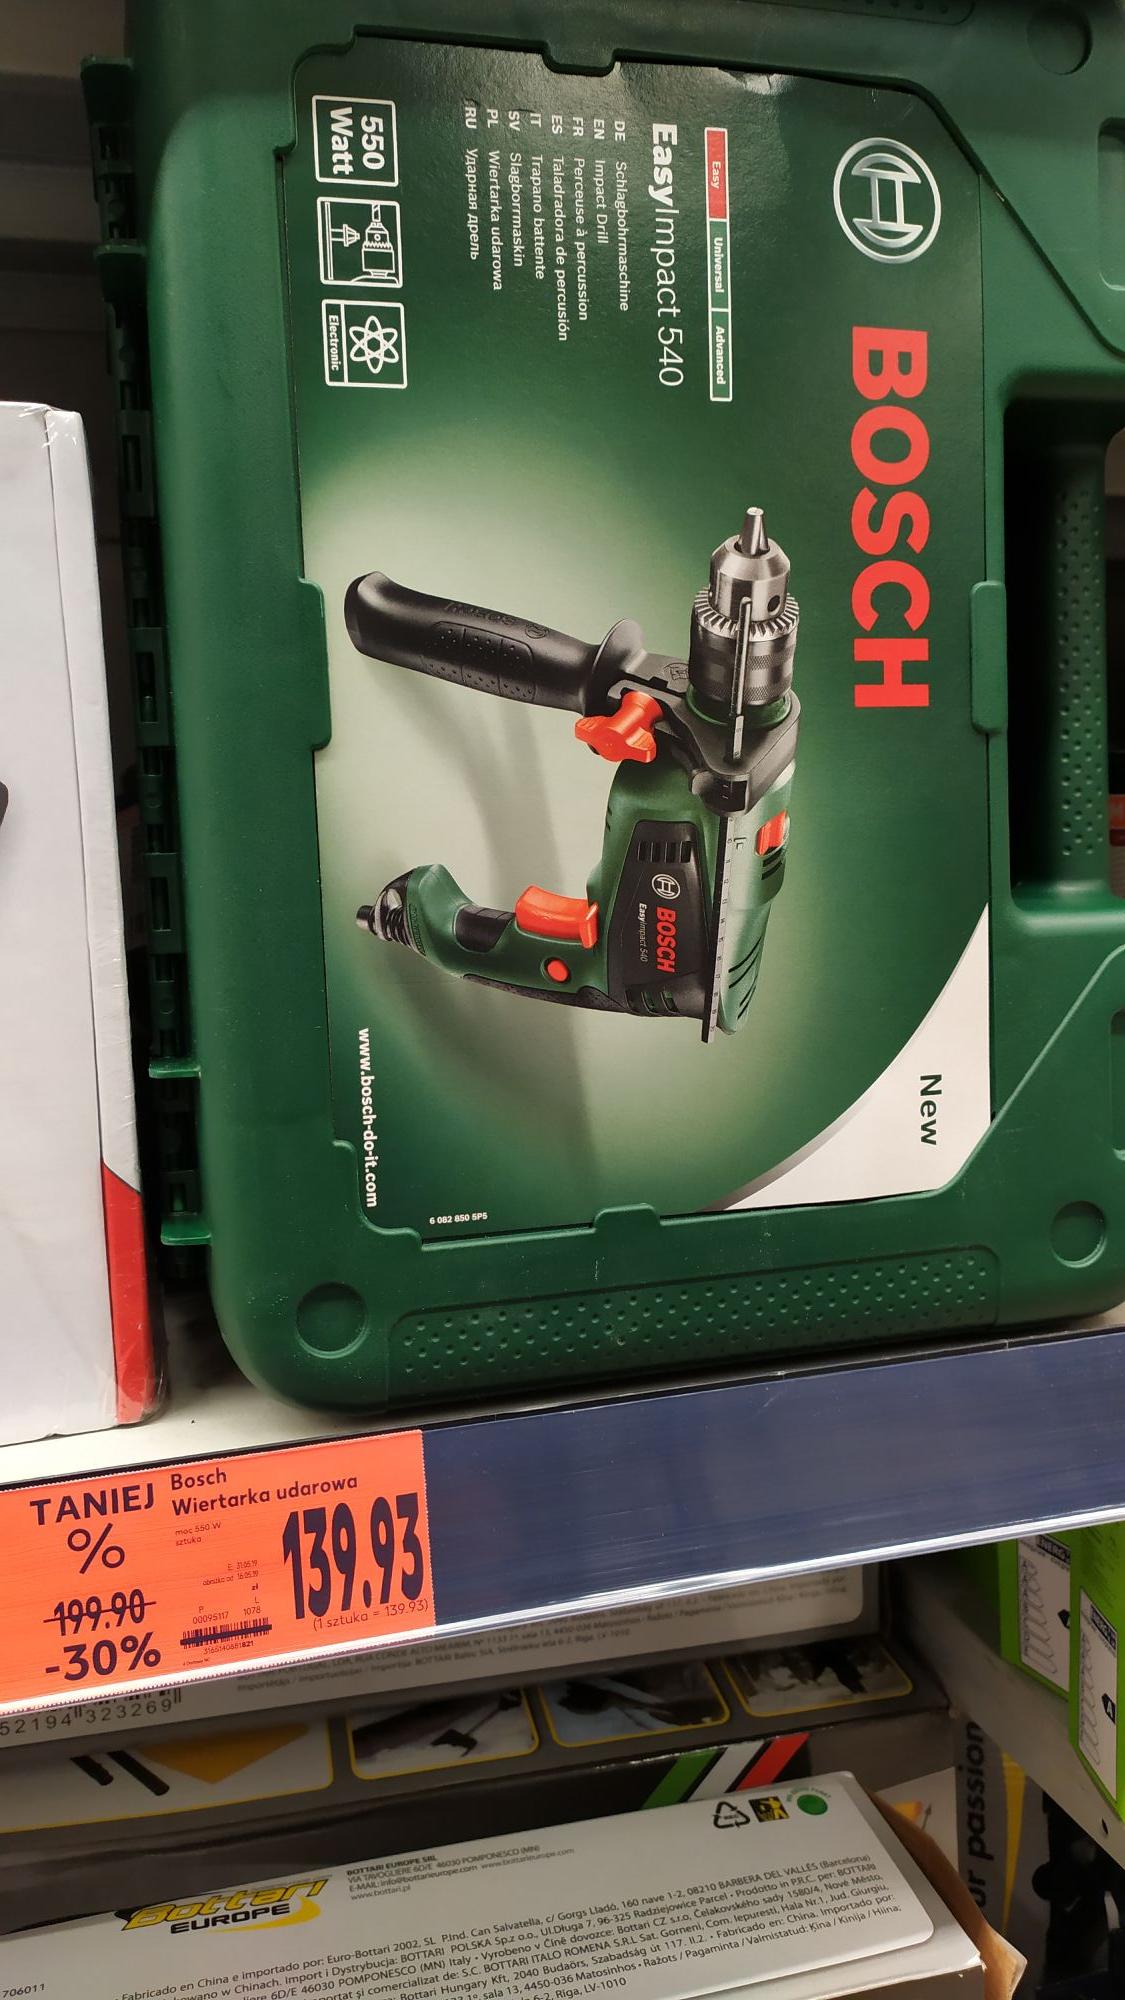 Kaufland sosnowiec wiertarka udarowa Bosch impact 540